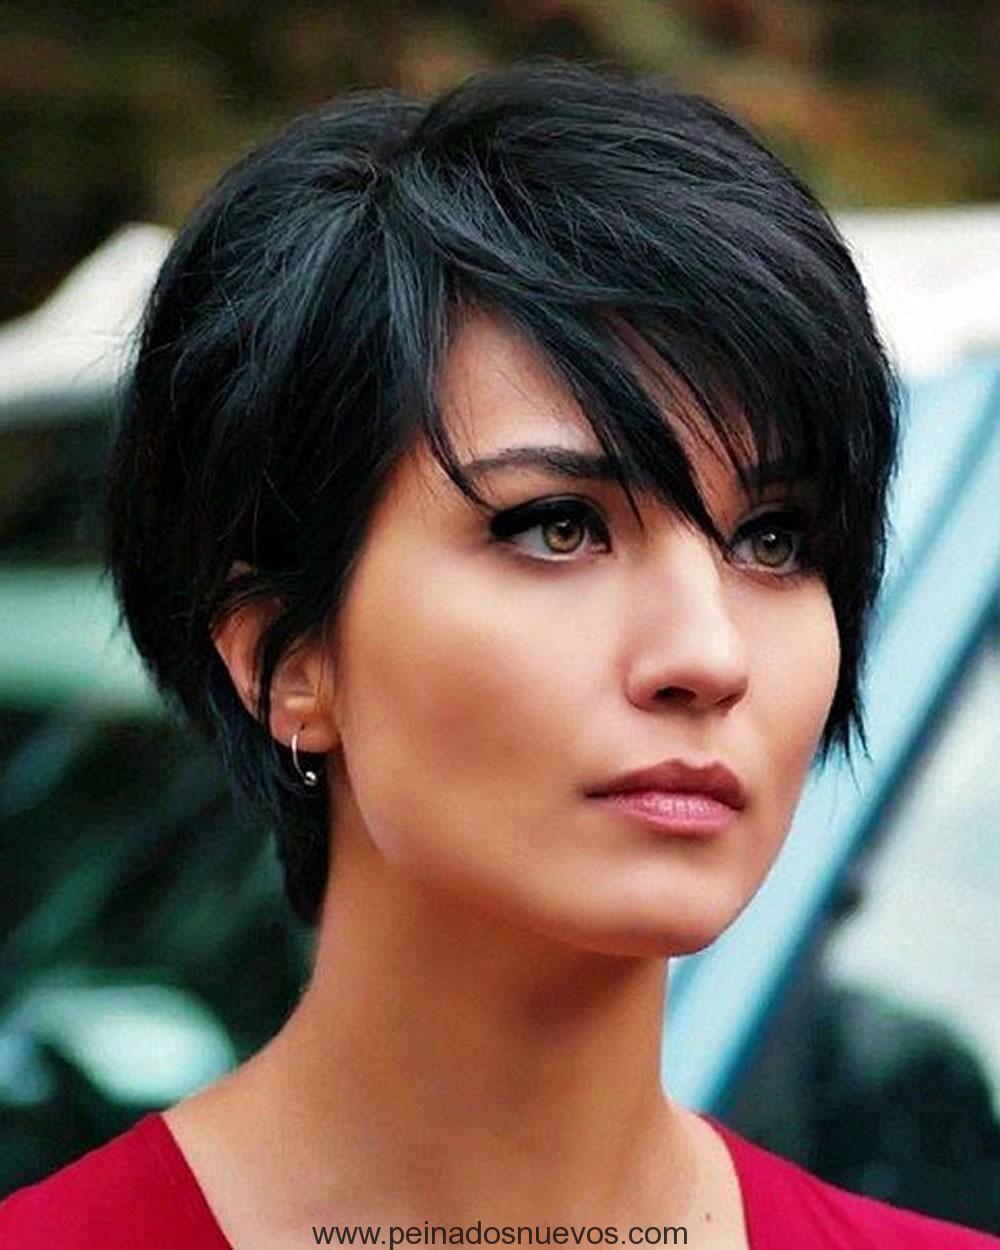 Pin On Nuevos Modelos De Cabello New Hair Models